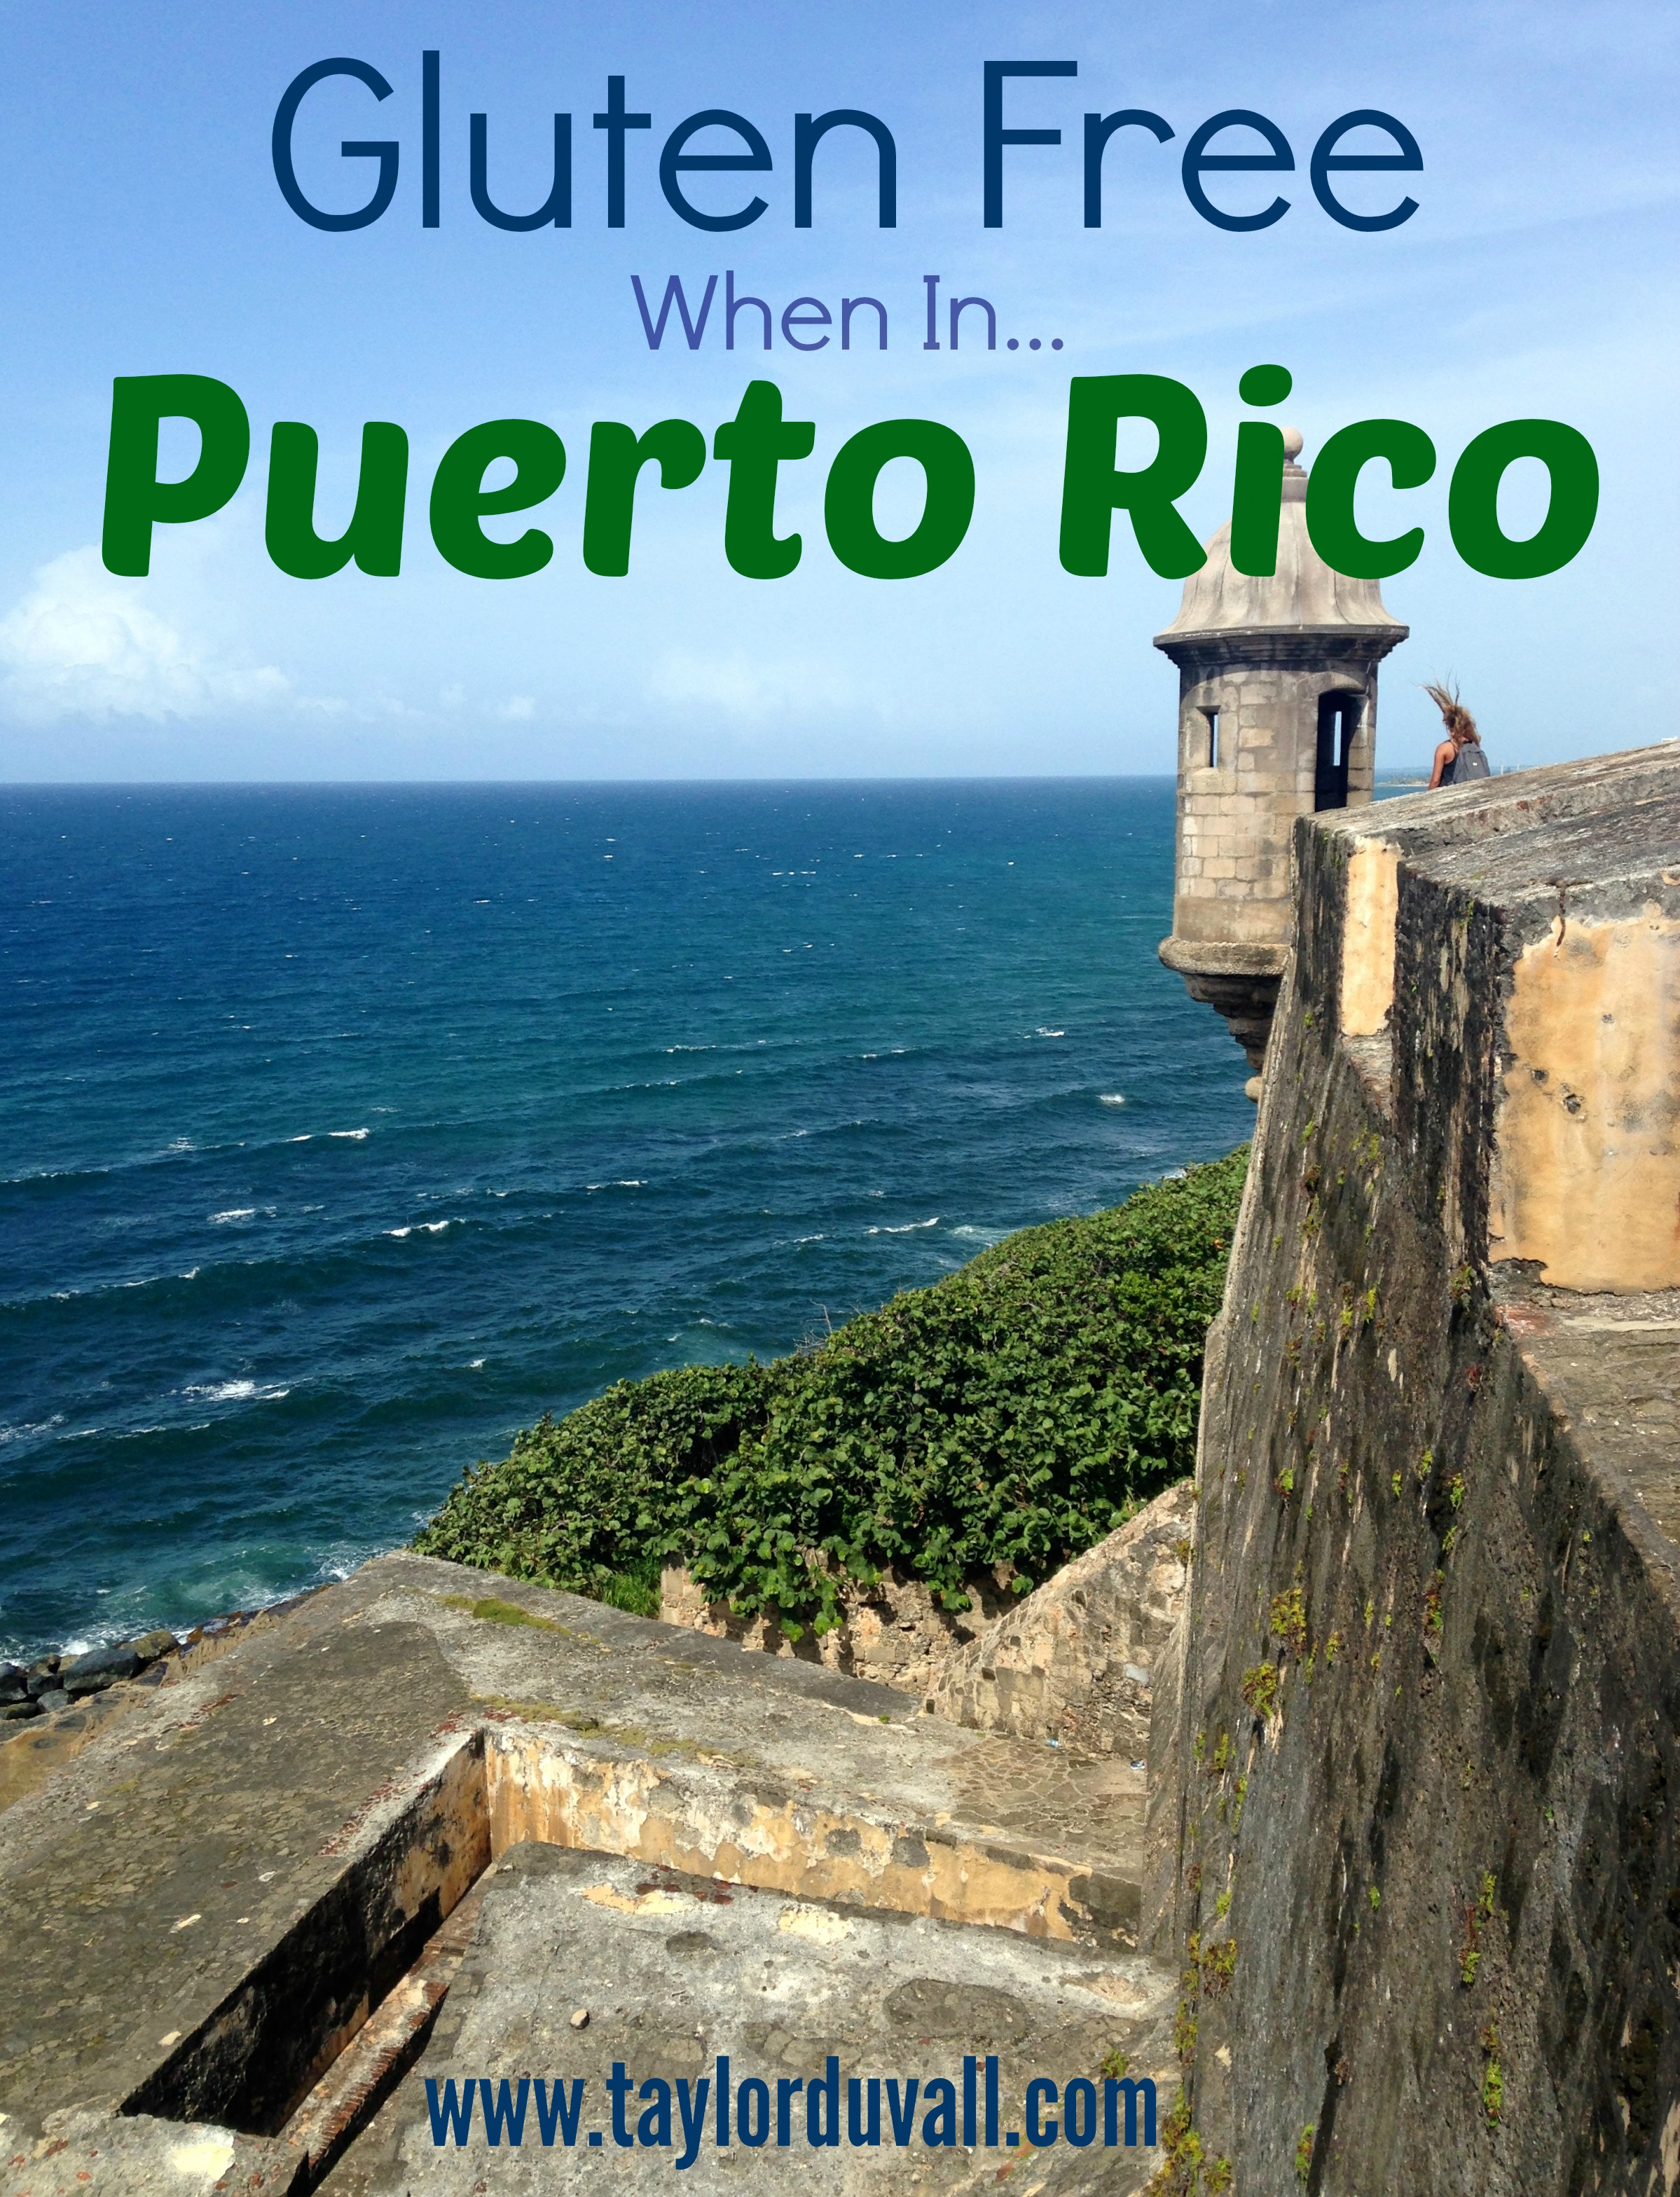 Gluten Free Puerto Rico